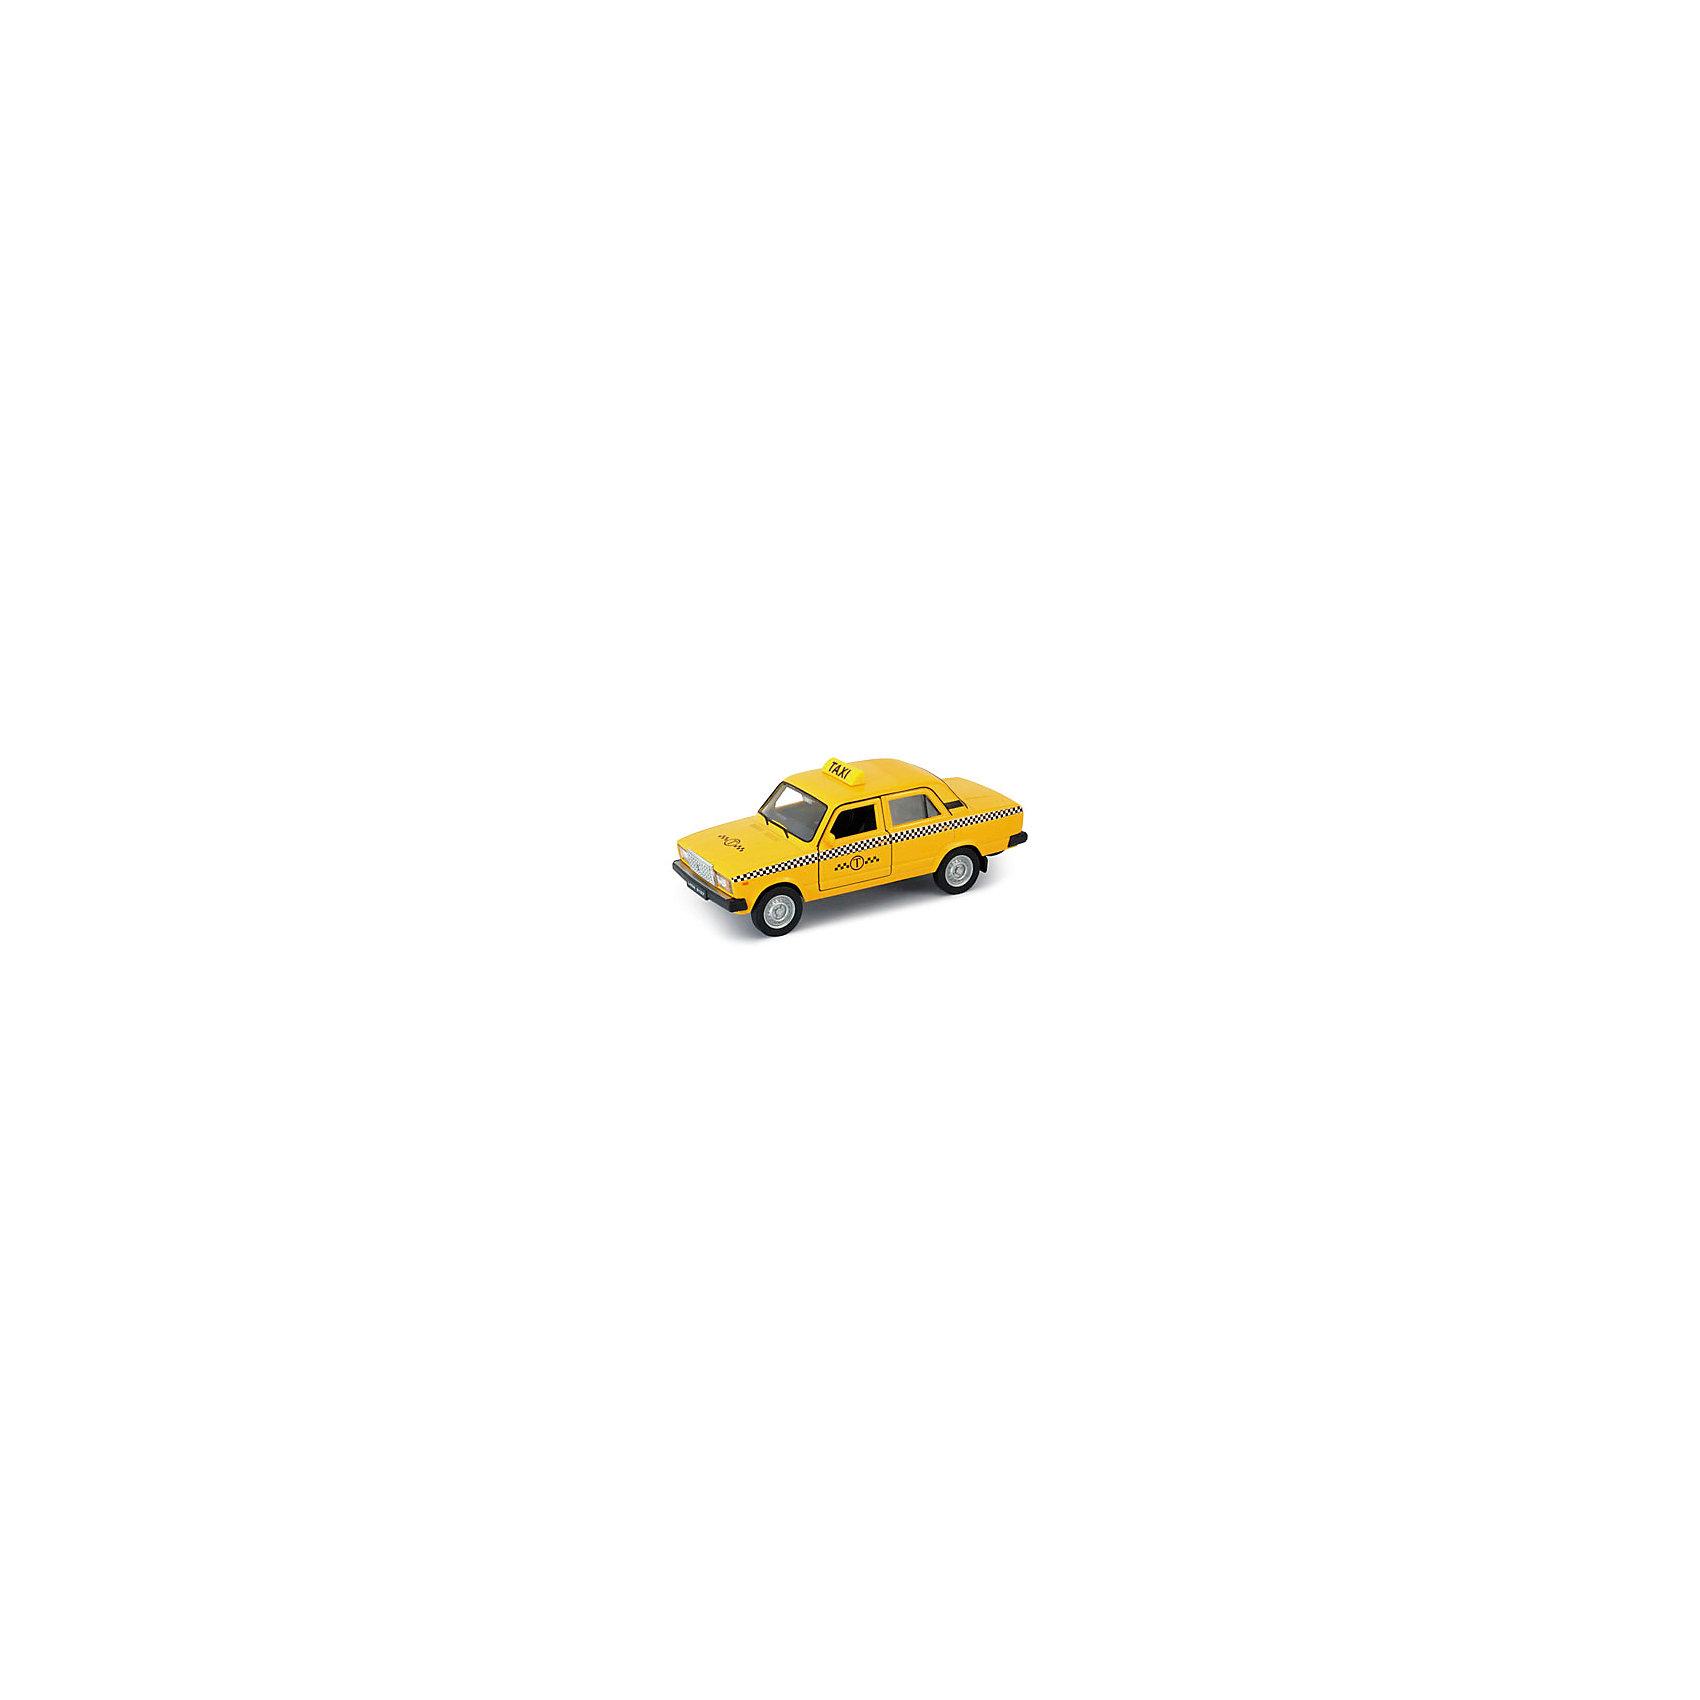 Модель машины  1:34-39 LADA 2107 ТАКСИ, WellyКоллекционные модели<br>Коллекционная модель машины Welly 1:34-39 LADA 2107 ТАКСИ.<br>Цвет кузова автомобиля представлен в ассортименте. Выбрать определенный цвет заранее не представляется возможным.<br><br>Ширина мм: 60<br>Глубина мм: 115<br>Высота мм: 145<br>Вес г: 166<br>Возраст от месяцев: 36<br>Возраст до месяцев: 192<br>Пол: Мужской<br>Возраст: Детский<br>SKU: 4966531